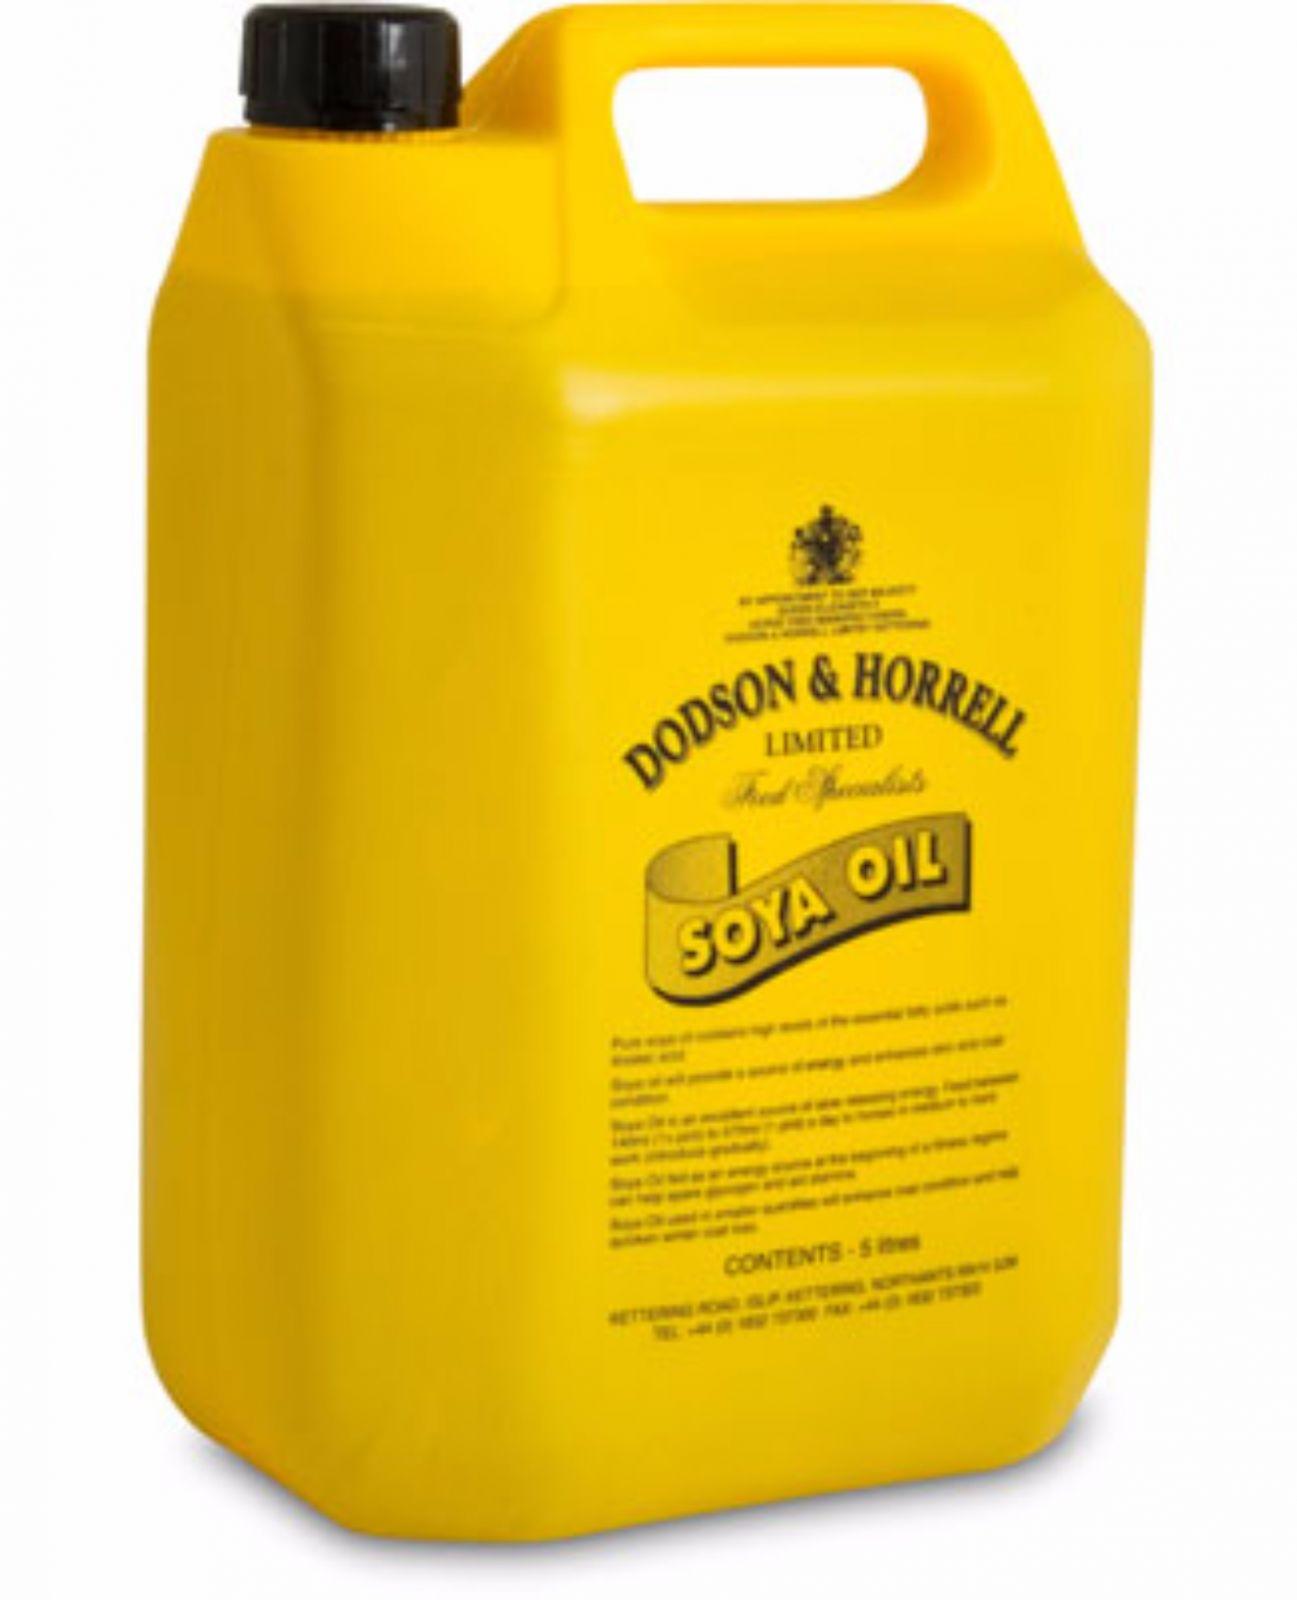 Dodson and Horrell Soya Oil 20 Litre